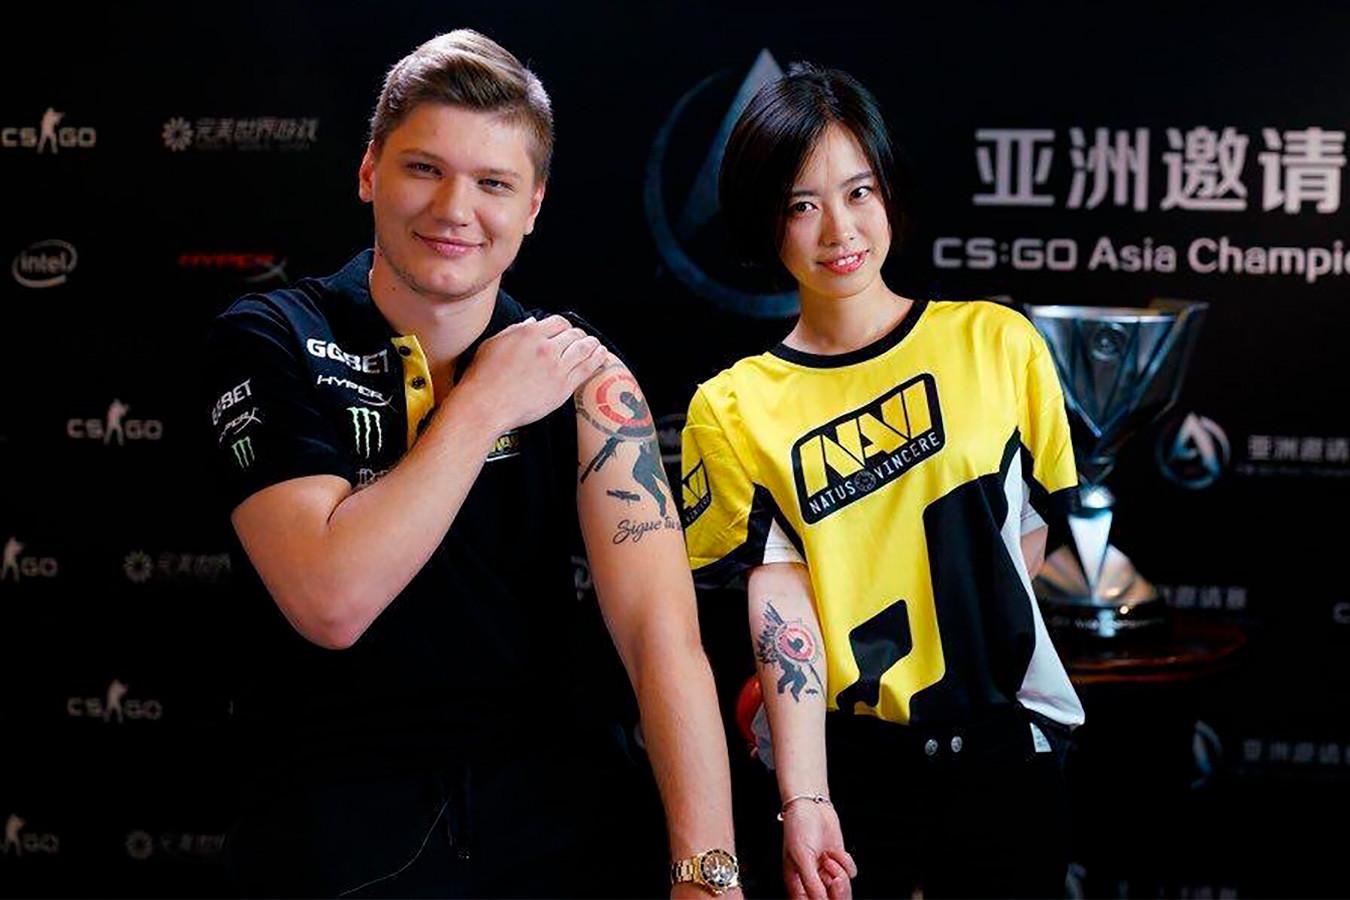 Татуировки киберспортсменов и аналитиков